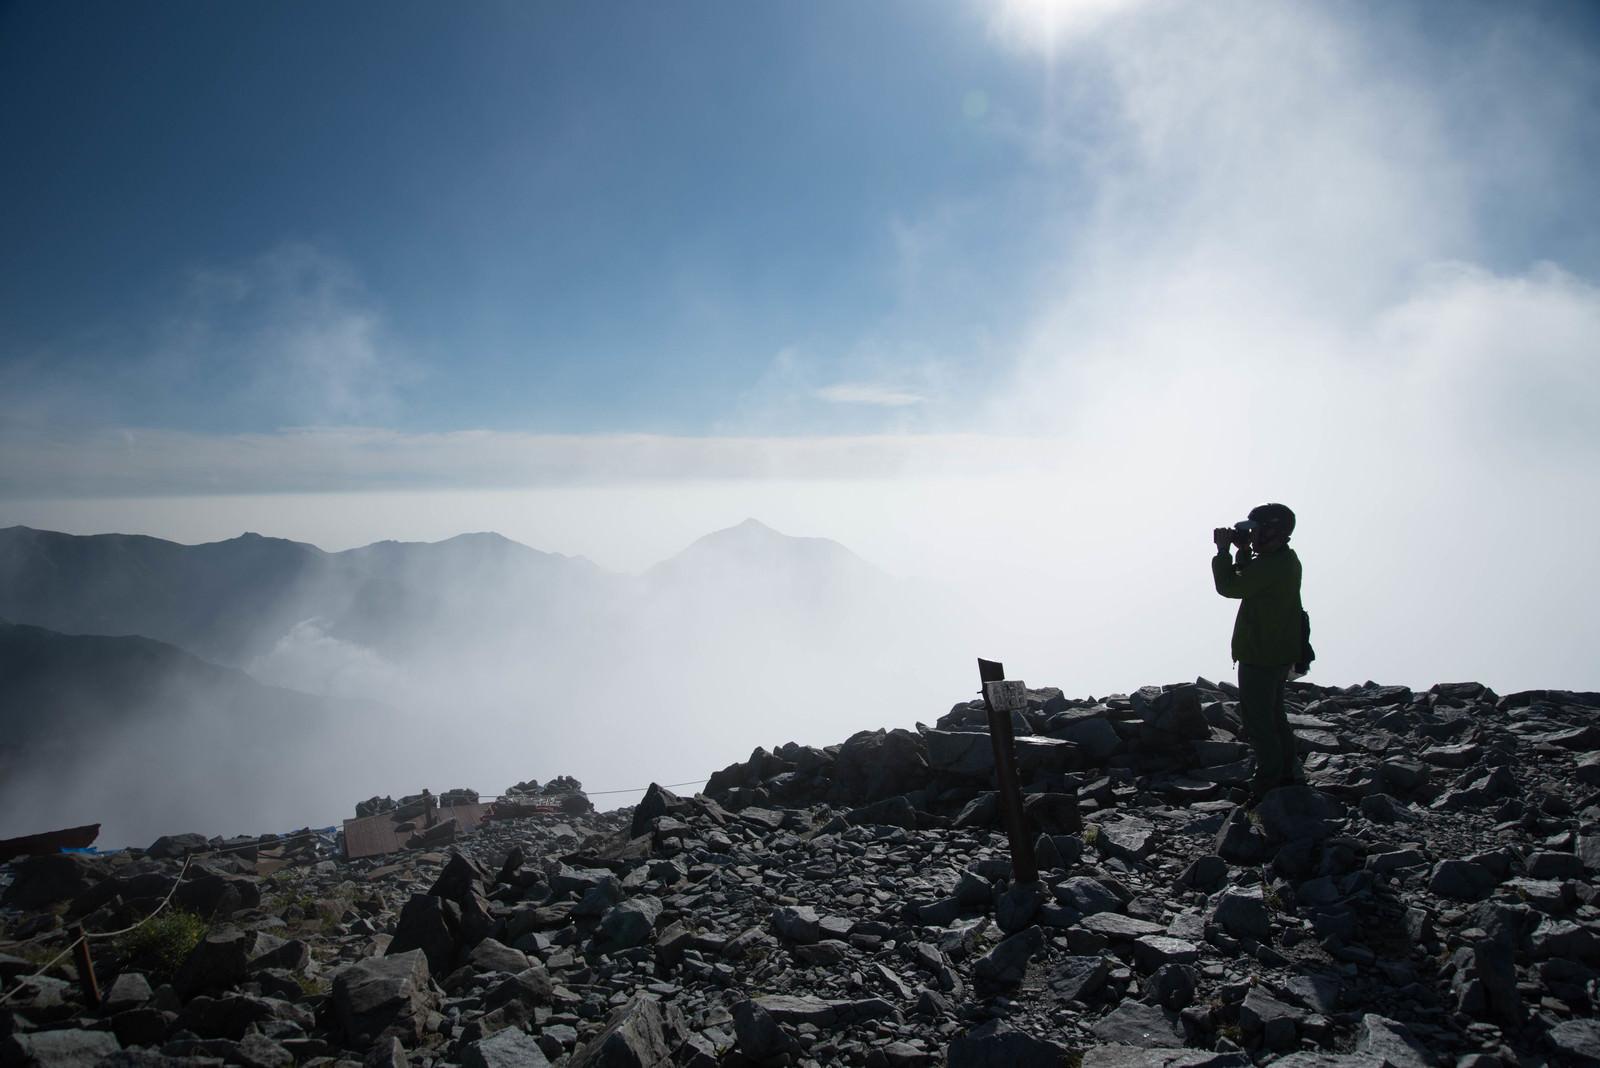 「雲の上の北穂高岳山頂に立つ登山者(北アルプス)」の写真